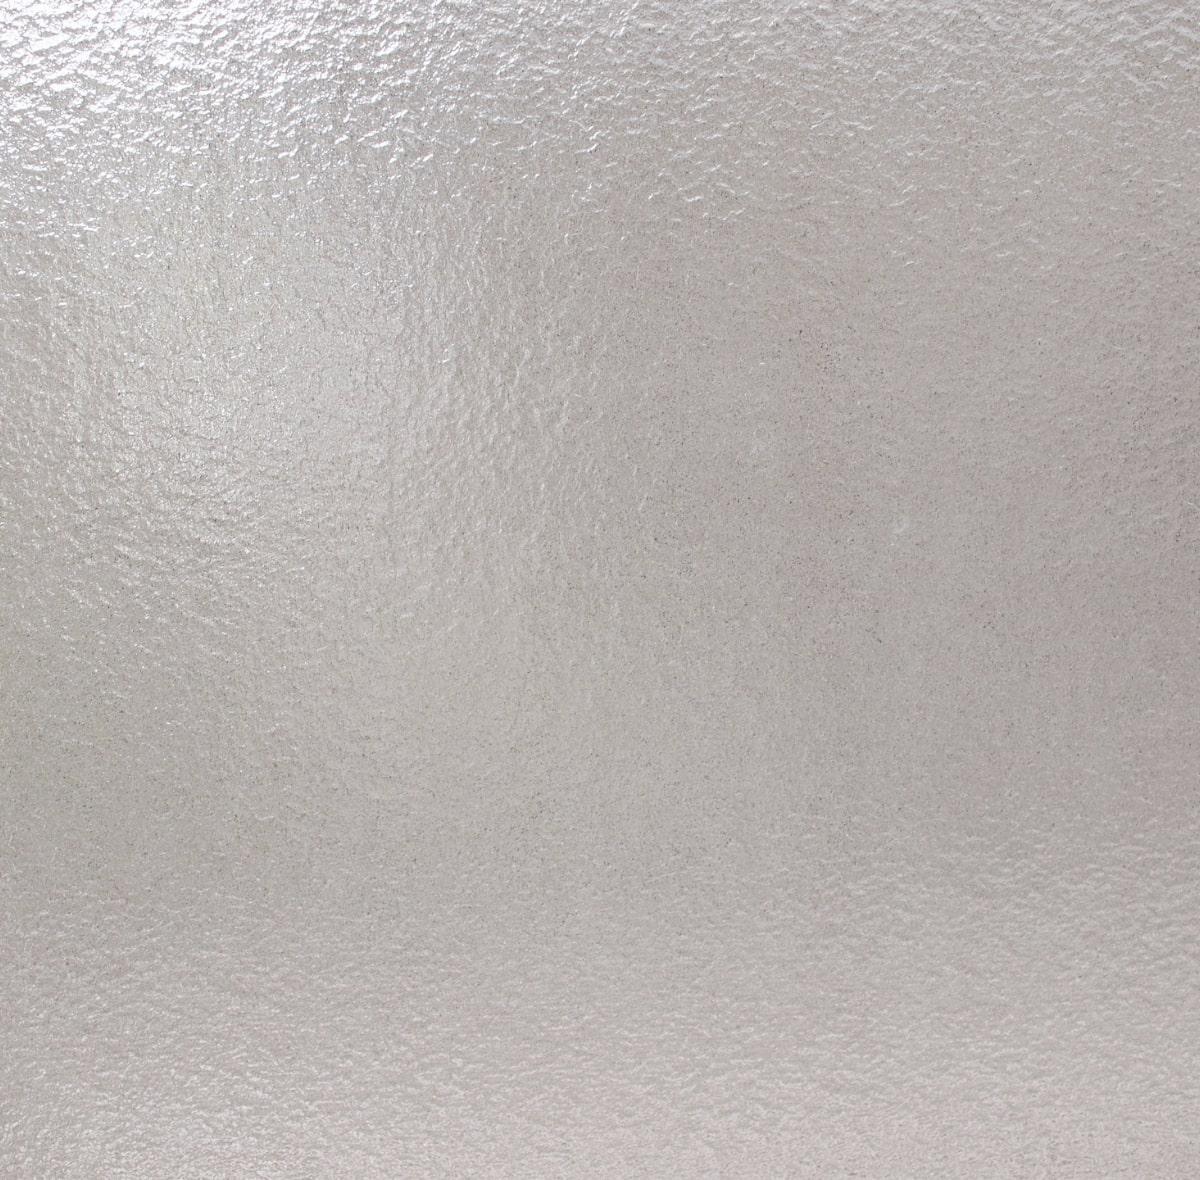 すりガラス・エッチングガラスのイメージ